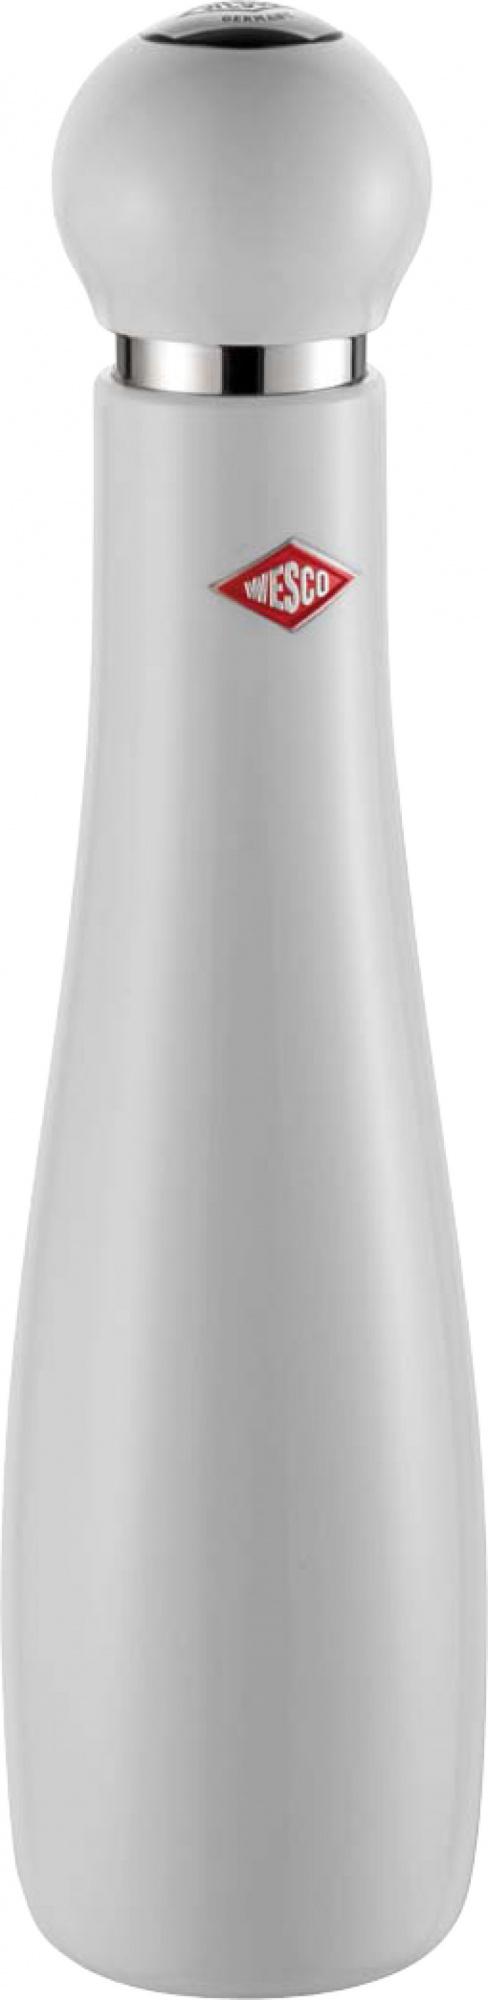 Wesco 322777-01 - мельница для специй (White)